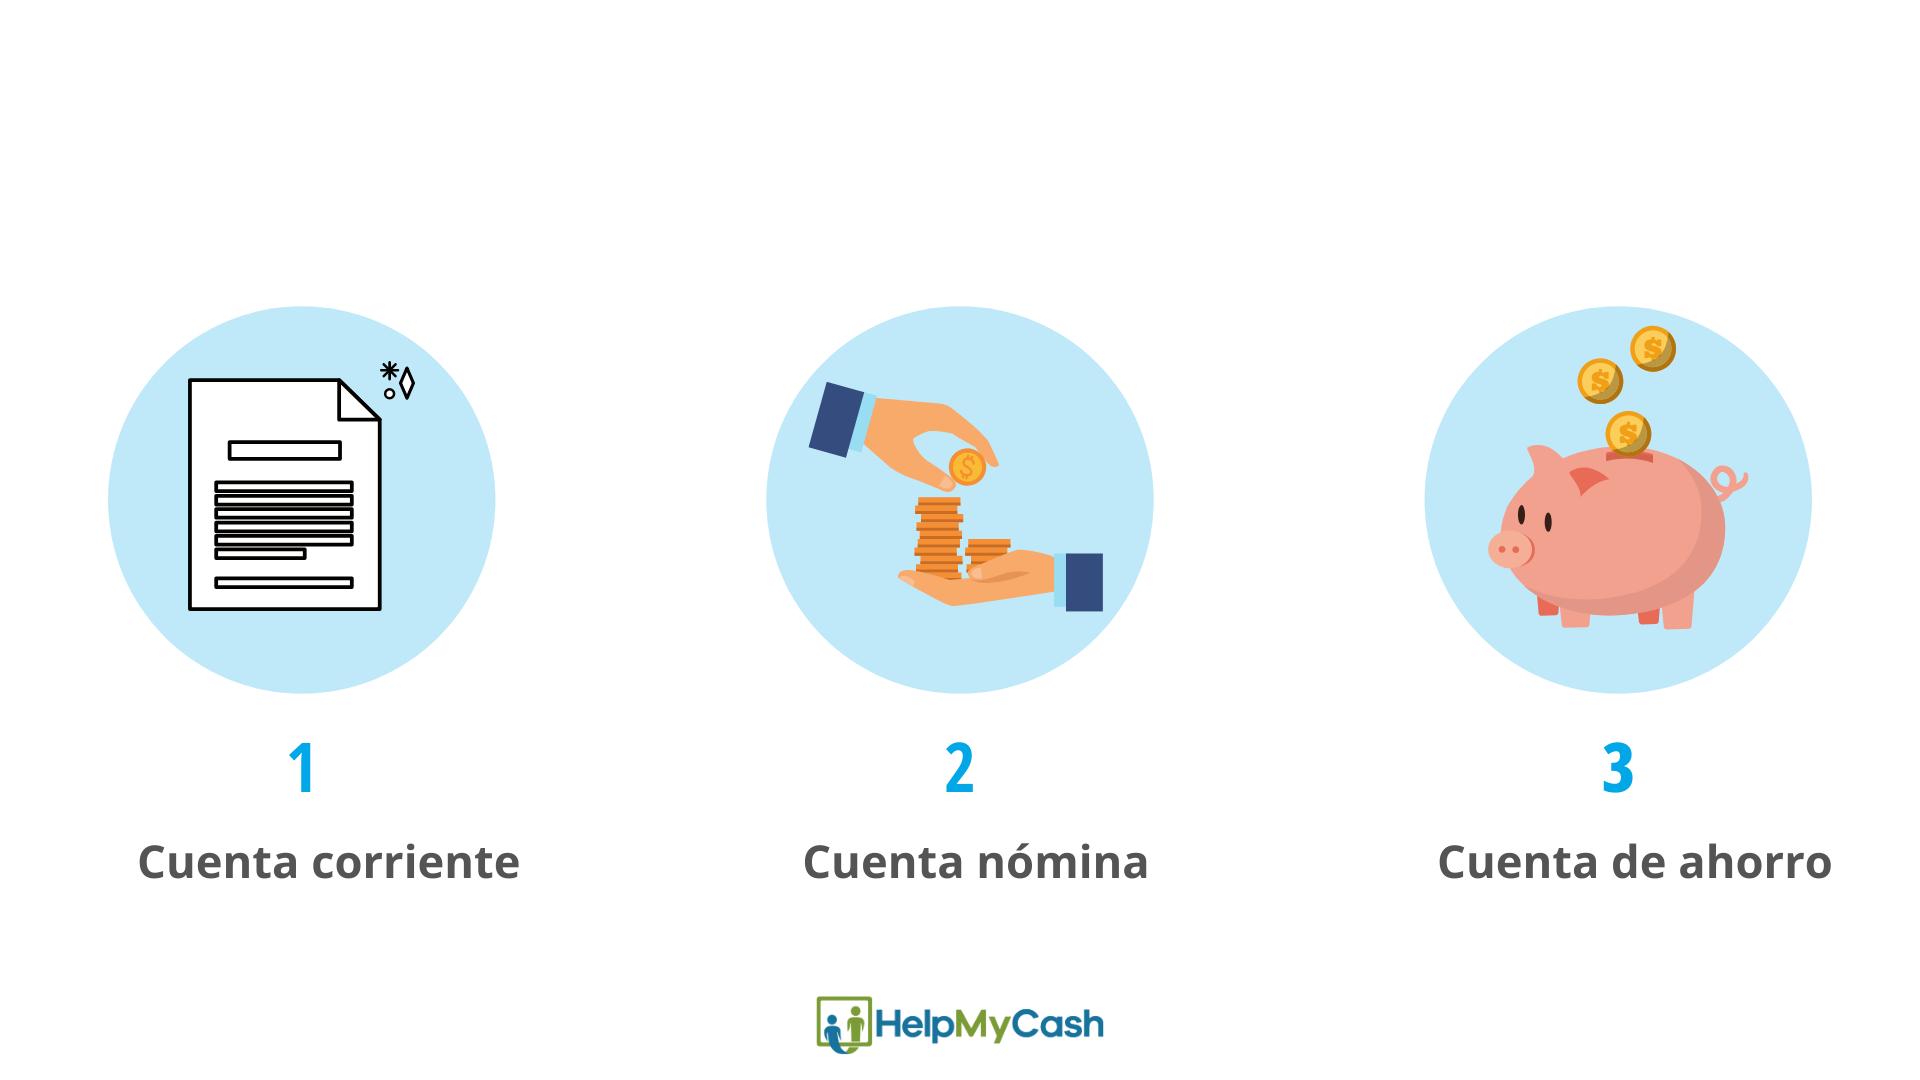 cuentas online sin comisiones. cuenta nómina online. cuenta de ahorro online.